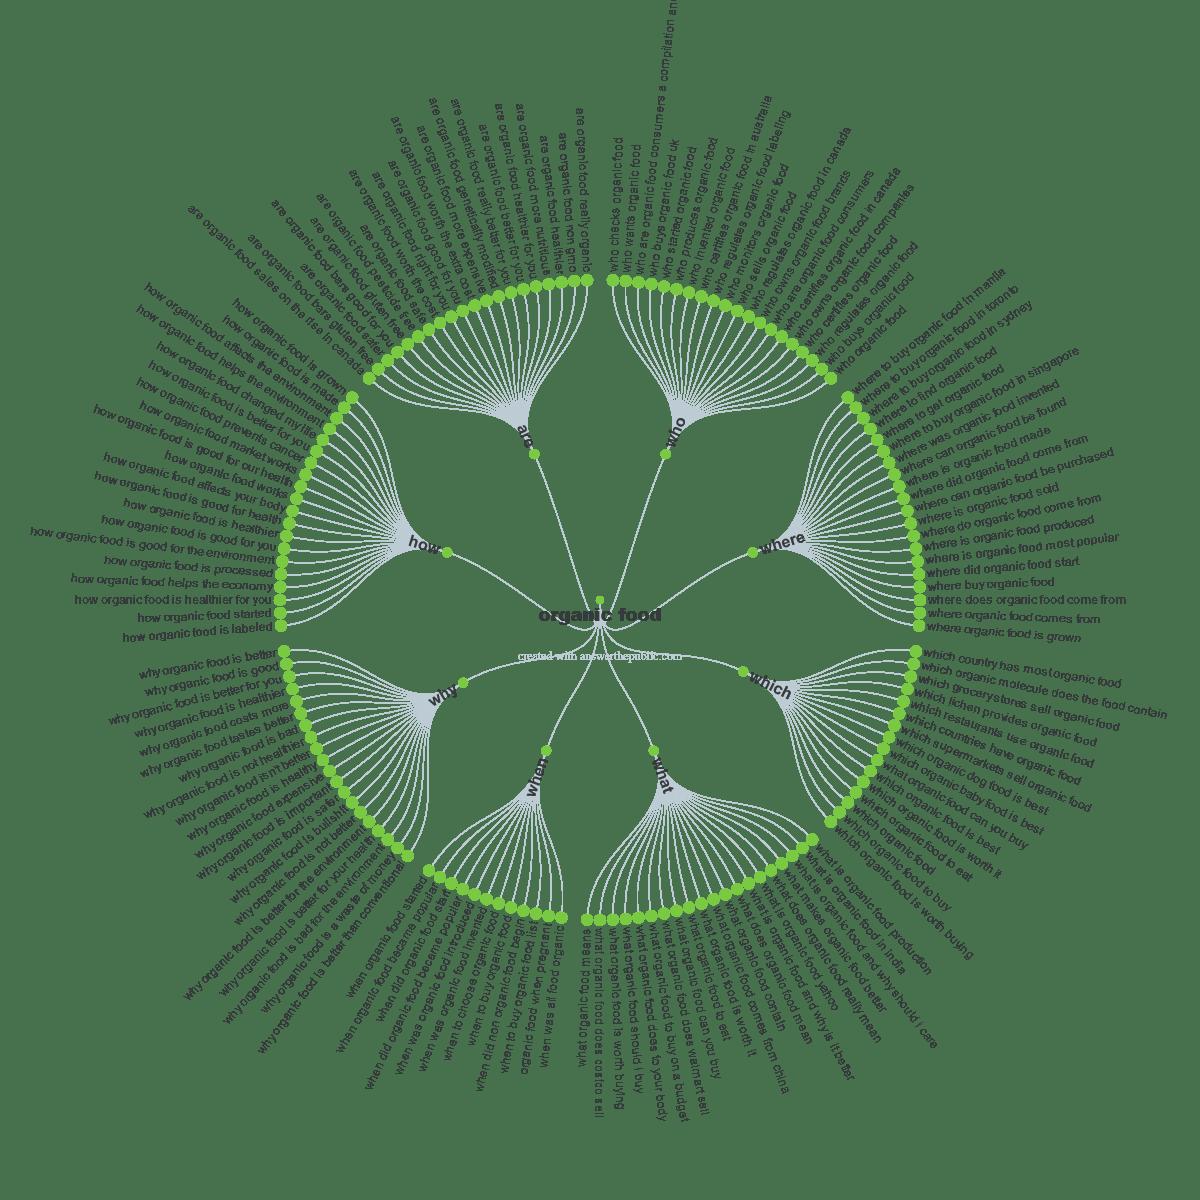 organic food questions